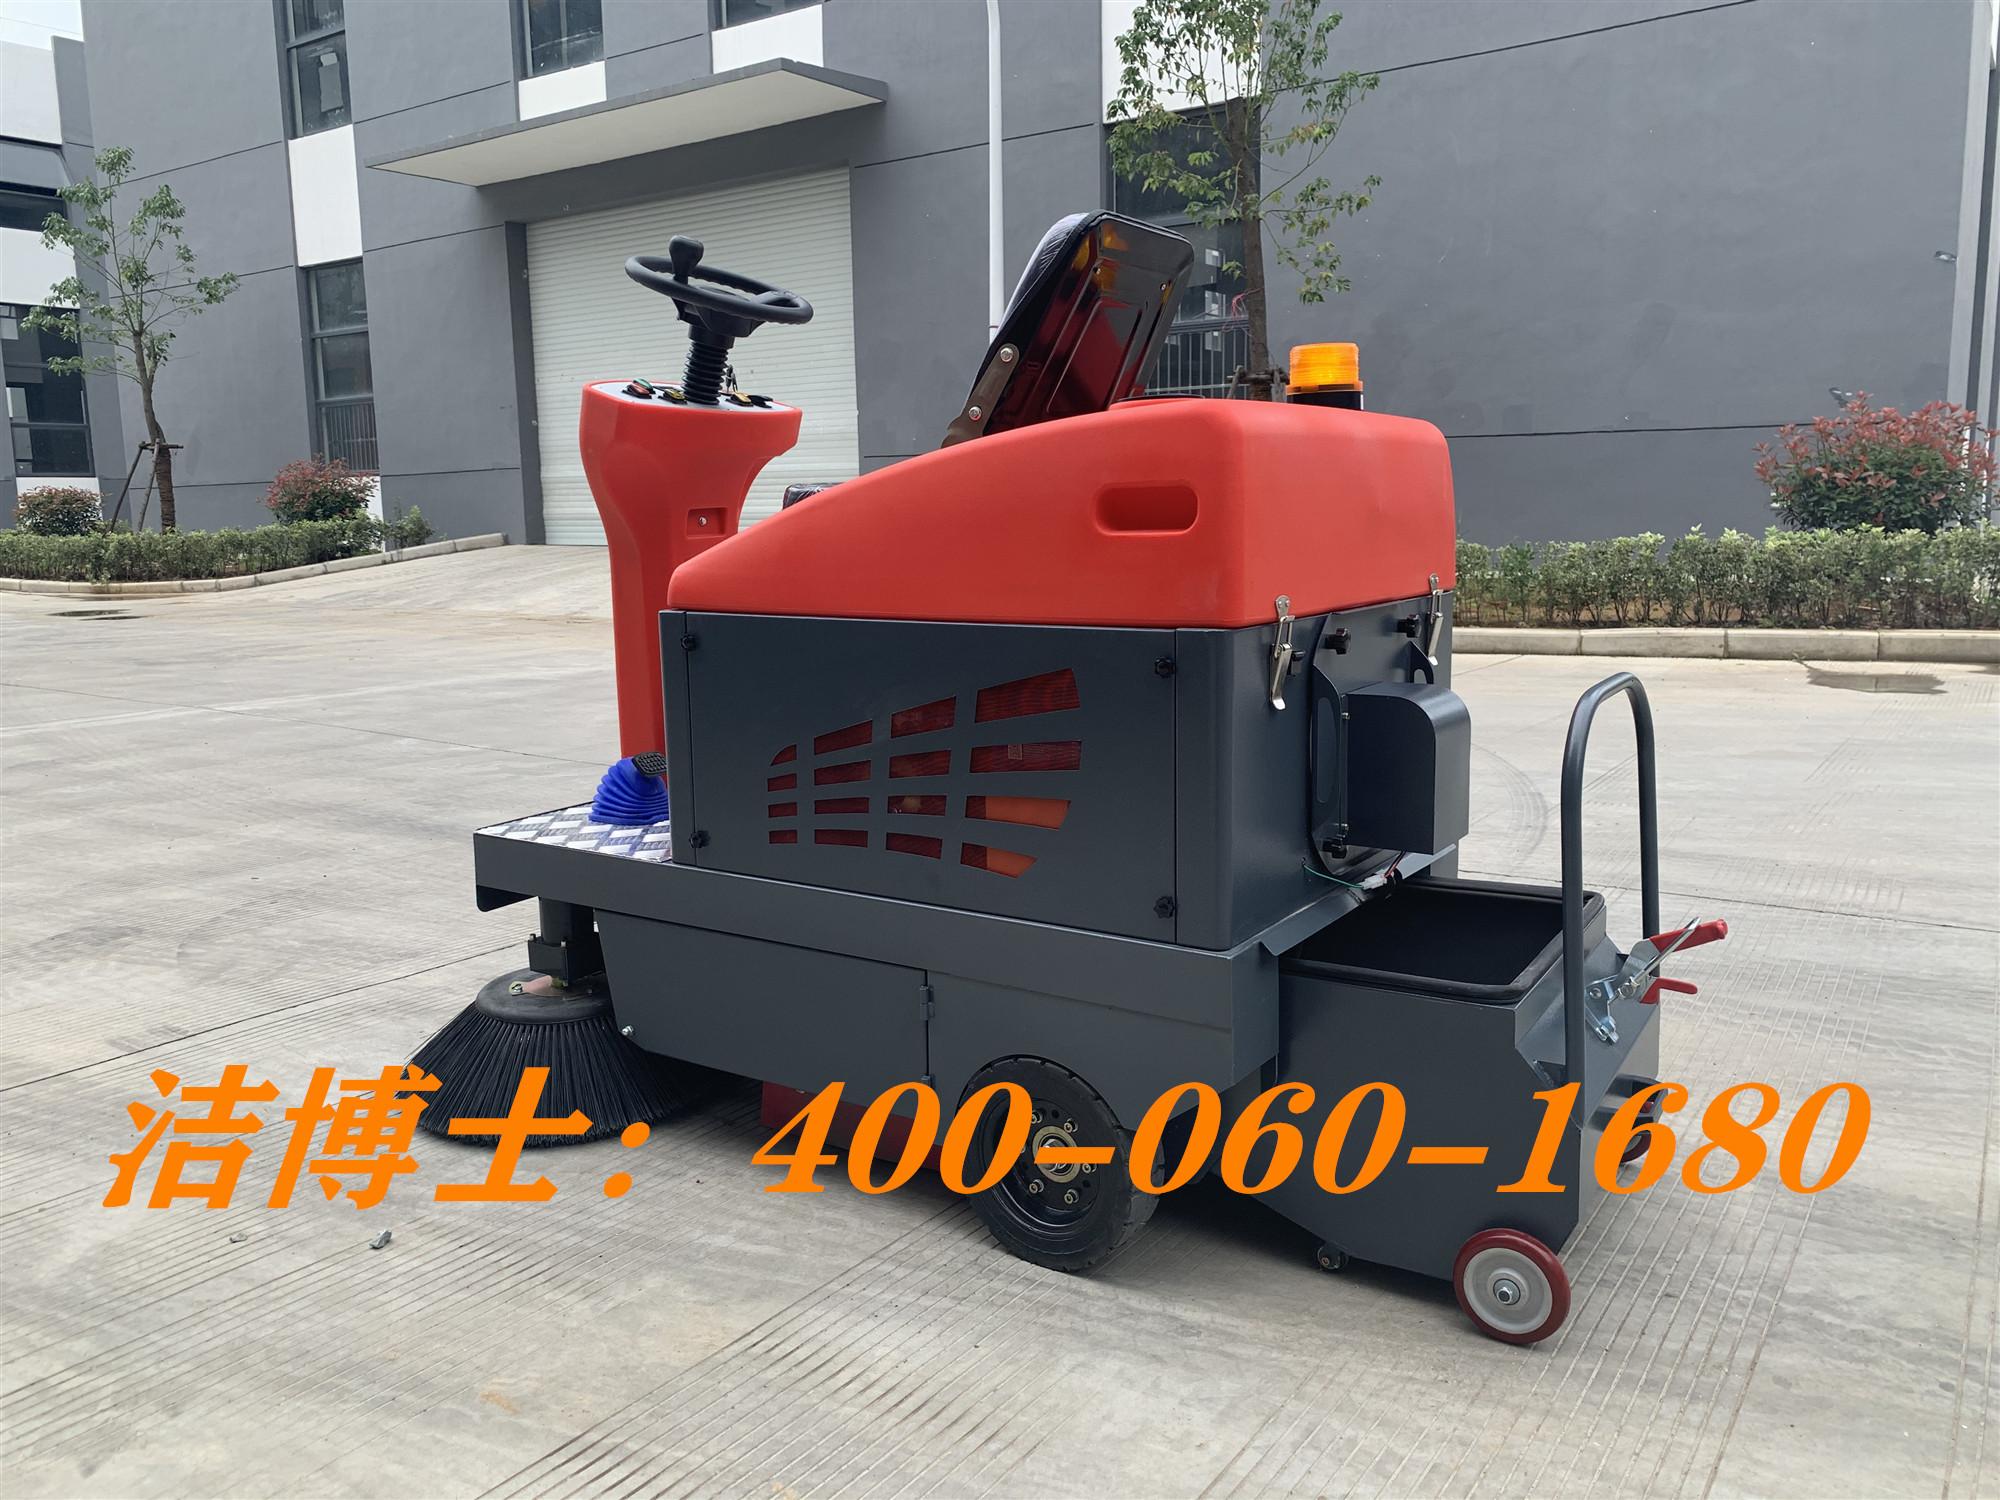 洁博士驾驶扫地车客户案例-漳州市鑫泰物流有限公司